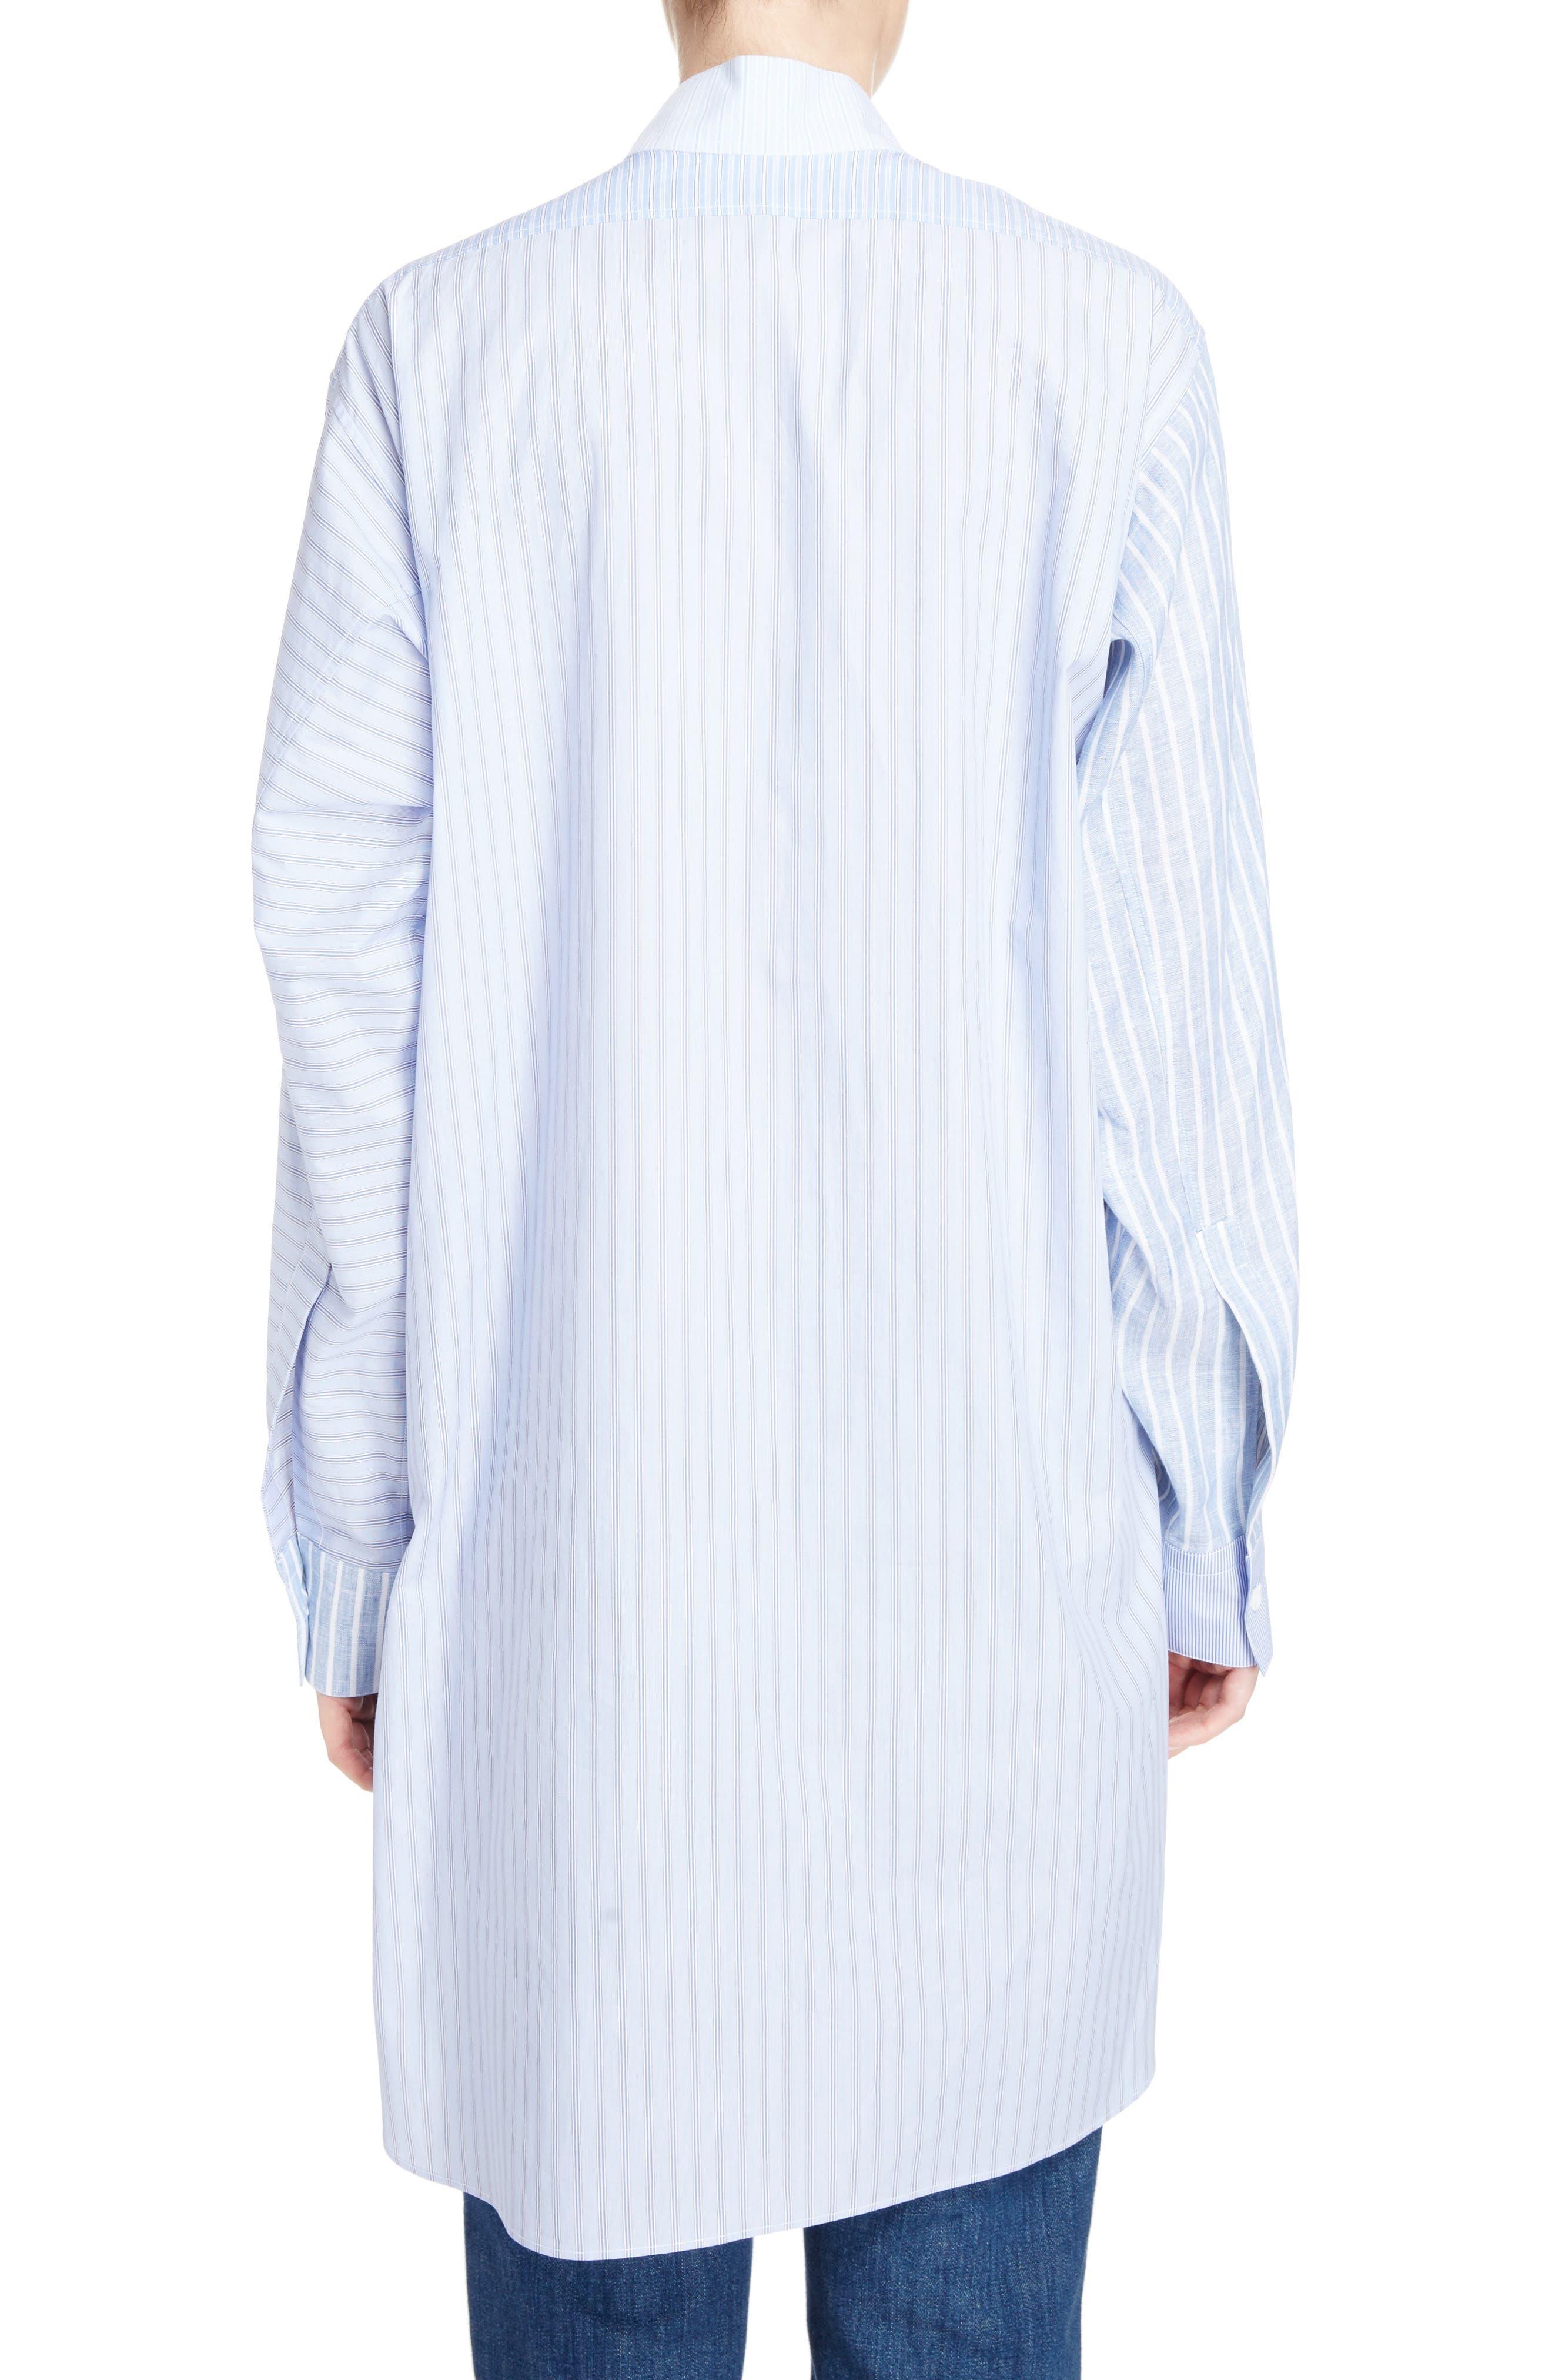 Patchwork Cotton & Linen Shirt,                             Alternate thumbnail 2, color,                             469